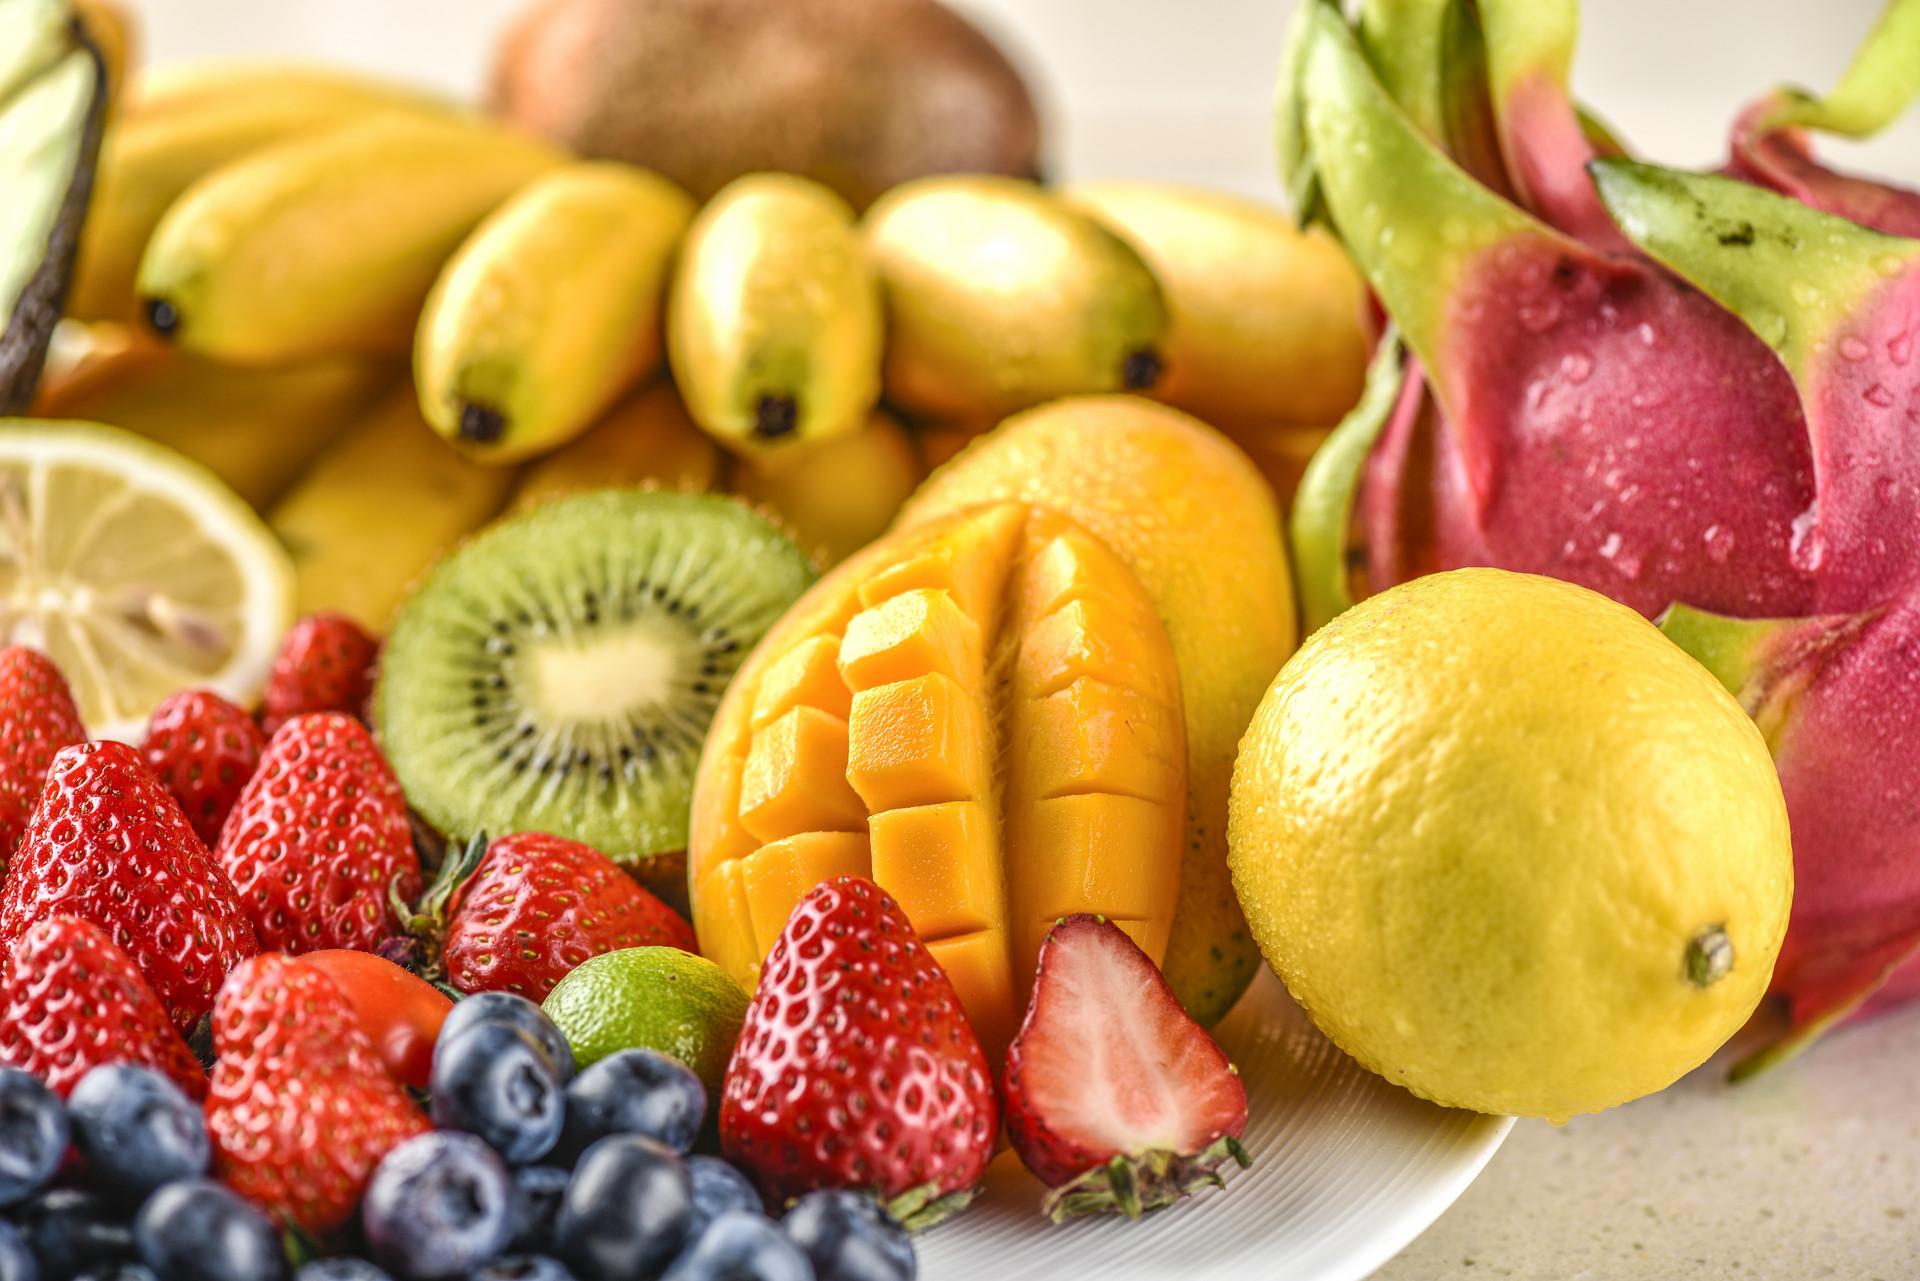 怎么获得益生菌?如何维护肠道健康?2